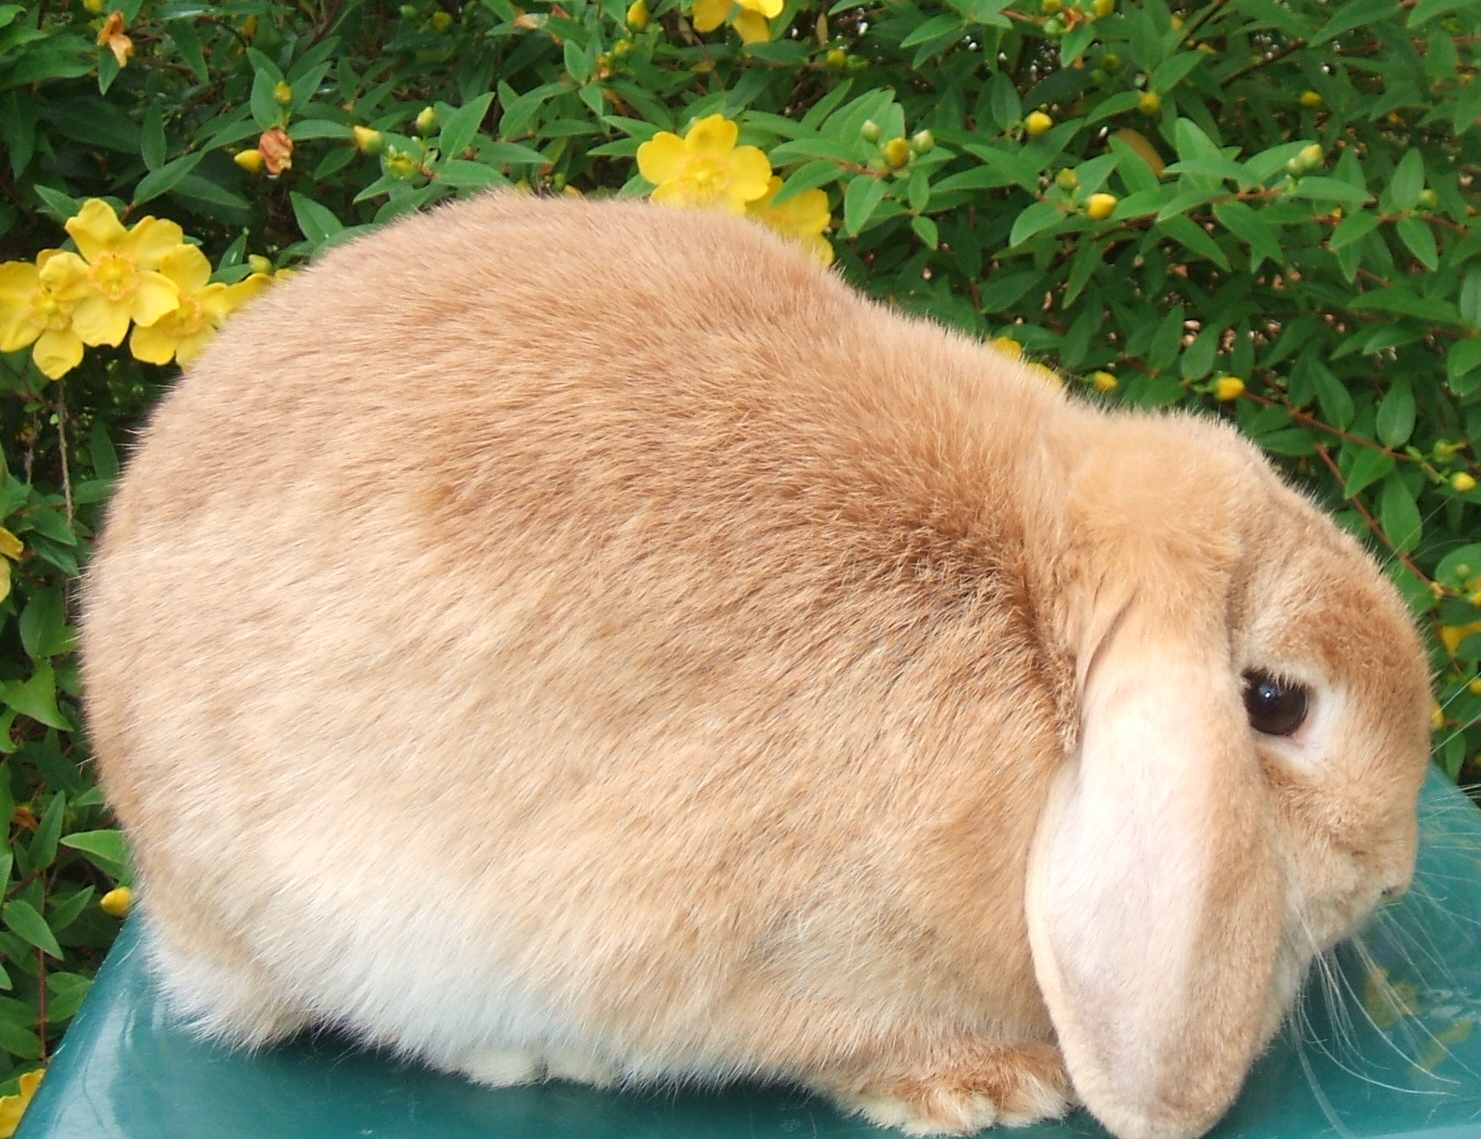 Dwarf lop rabbits - photo#24